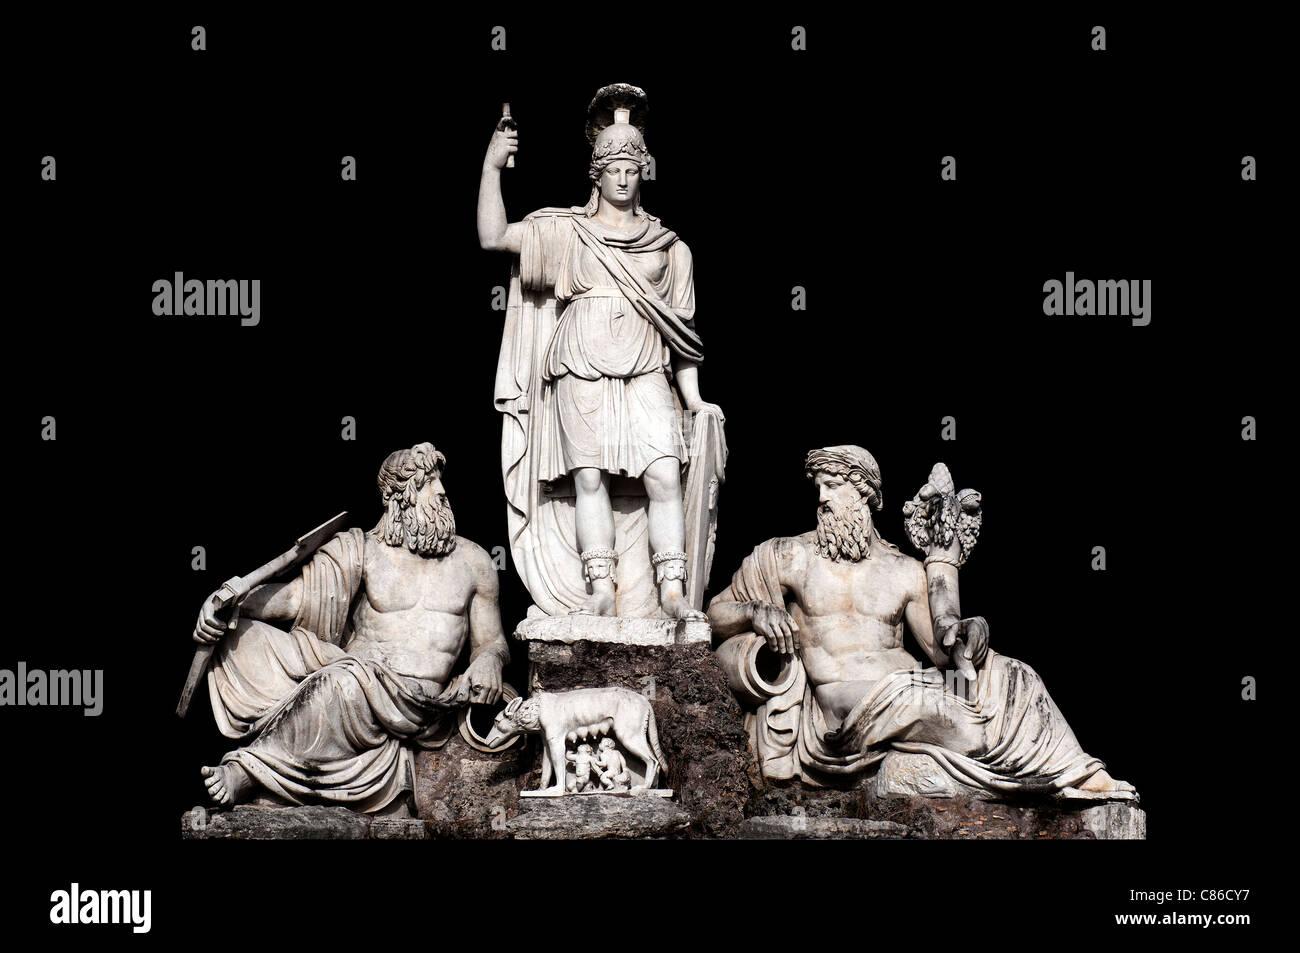 Fontana della Dea Roma tra il Tevere e l'Aniene da Giovanni Ceccarini in Piazza del Popolo a Roma Italia Immagini Stock